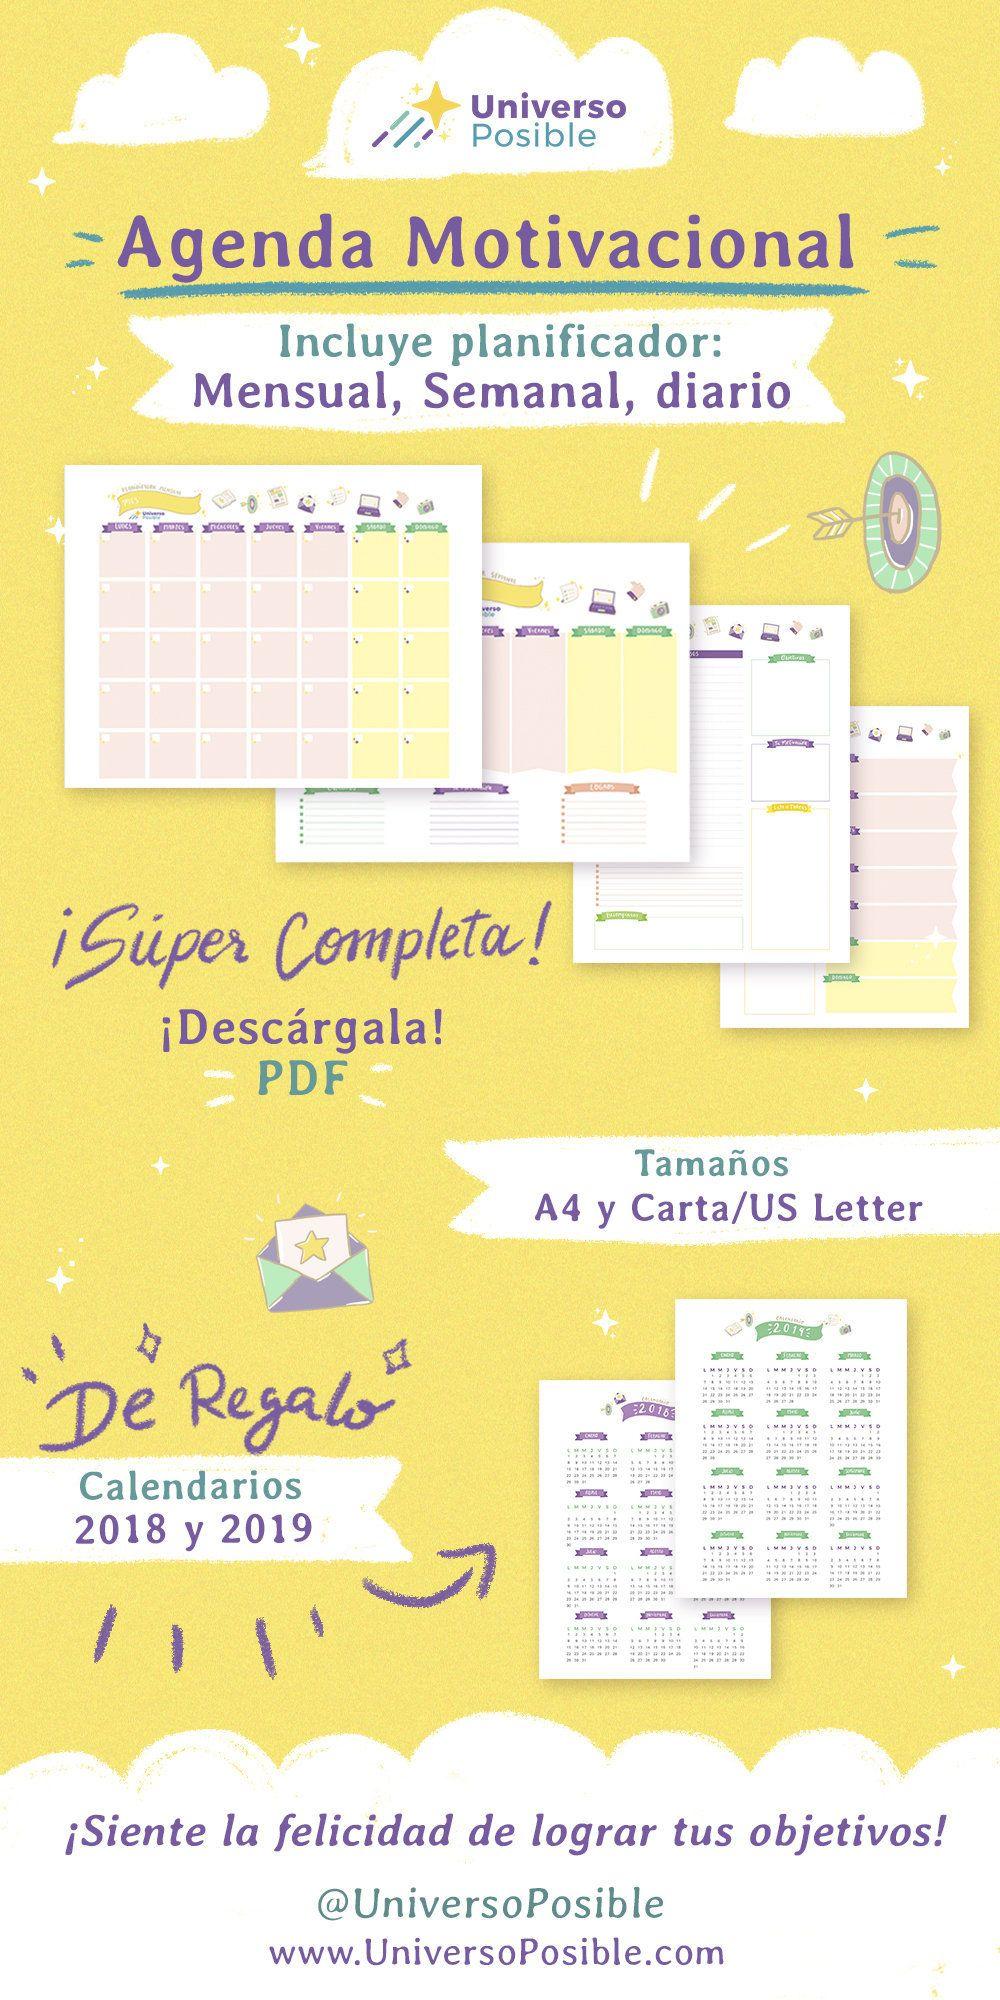 Calendario Diario Para Imprimir 2019.Agenda Para Imprimir Que Incluye Planificador Mensual